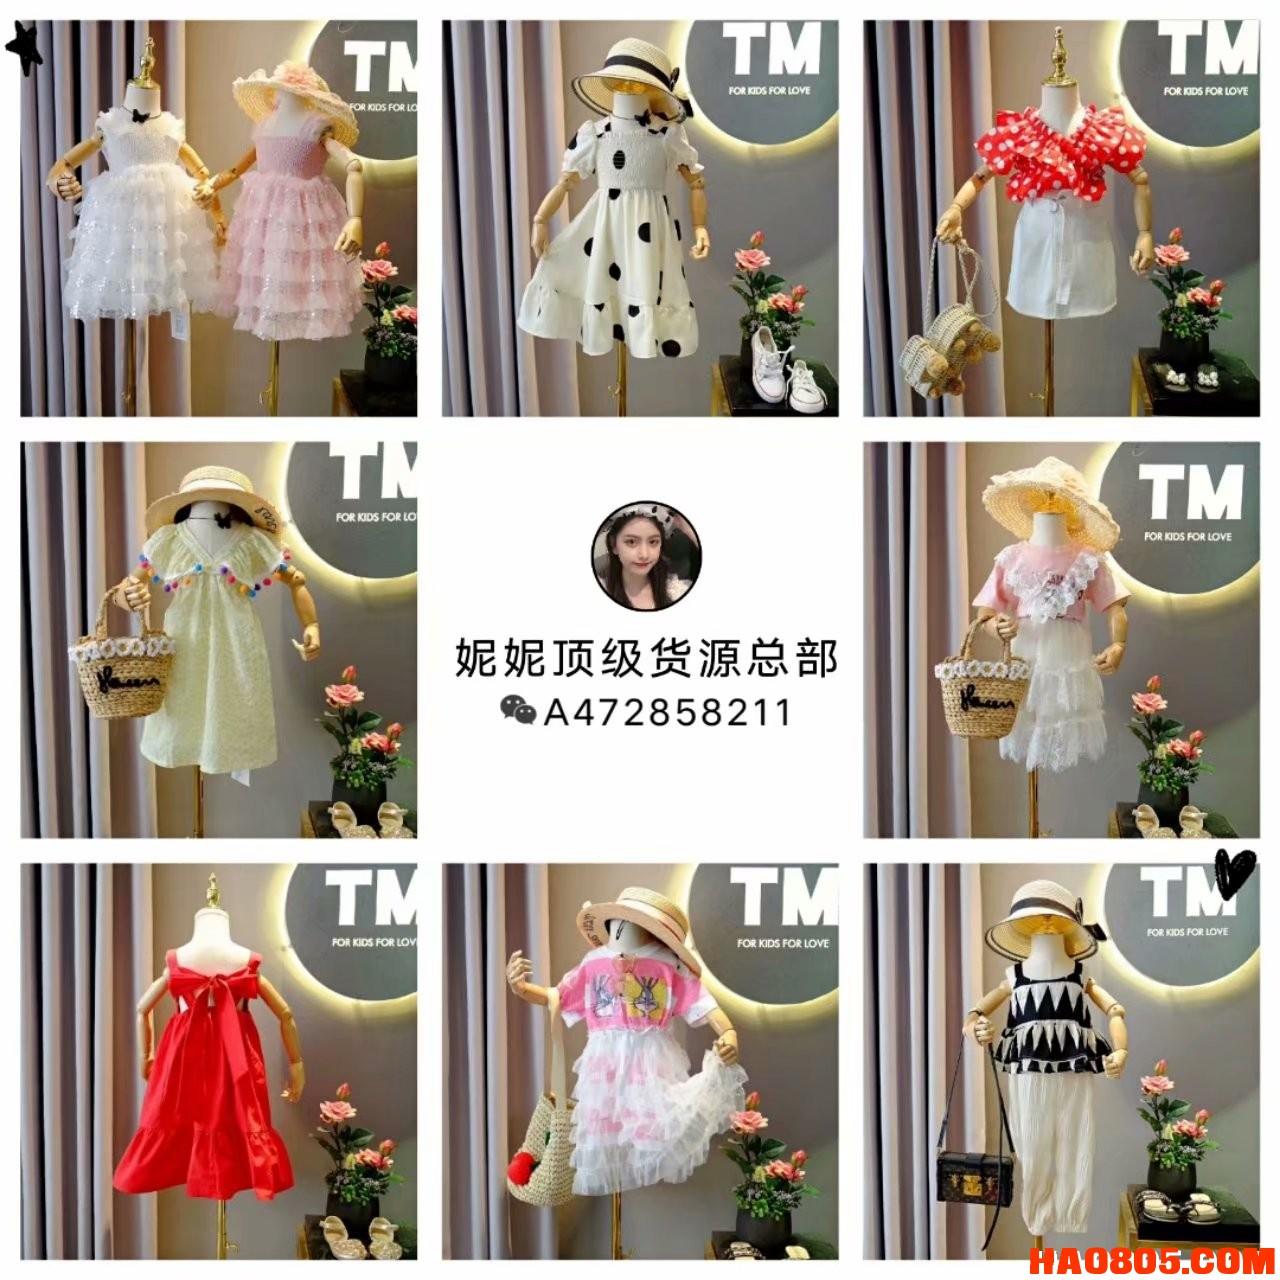 宝妈上班族看过来!最赚钱方式童装女装最全厂家货源 109057